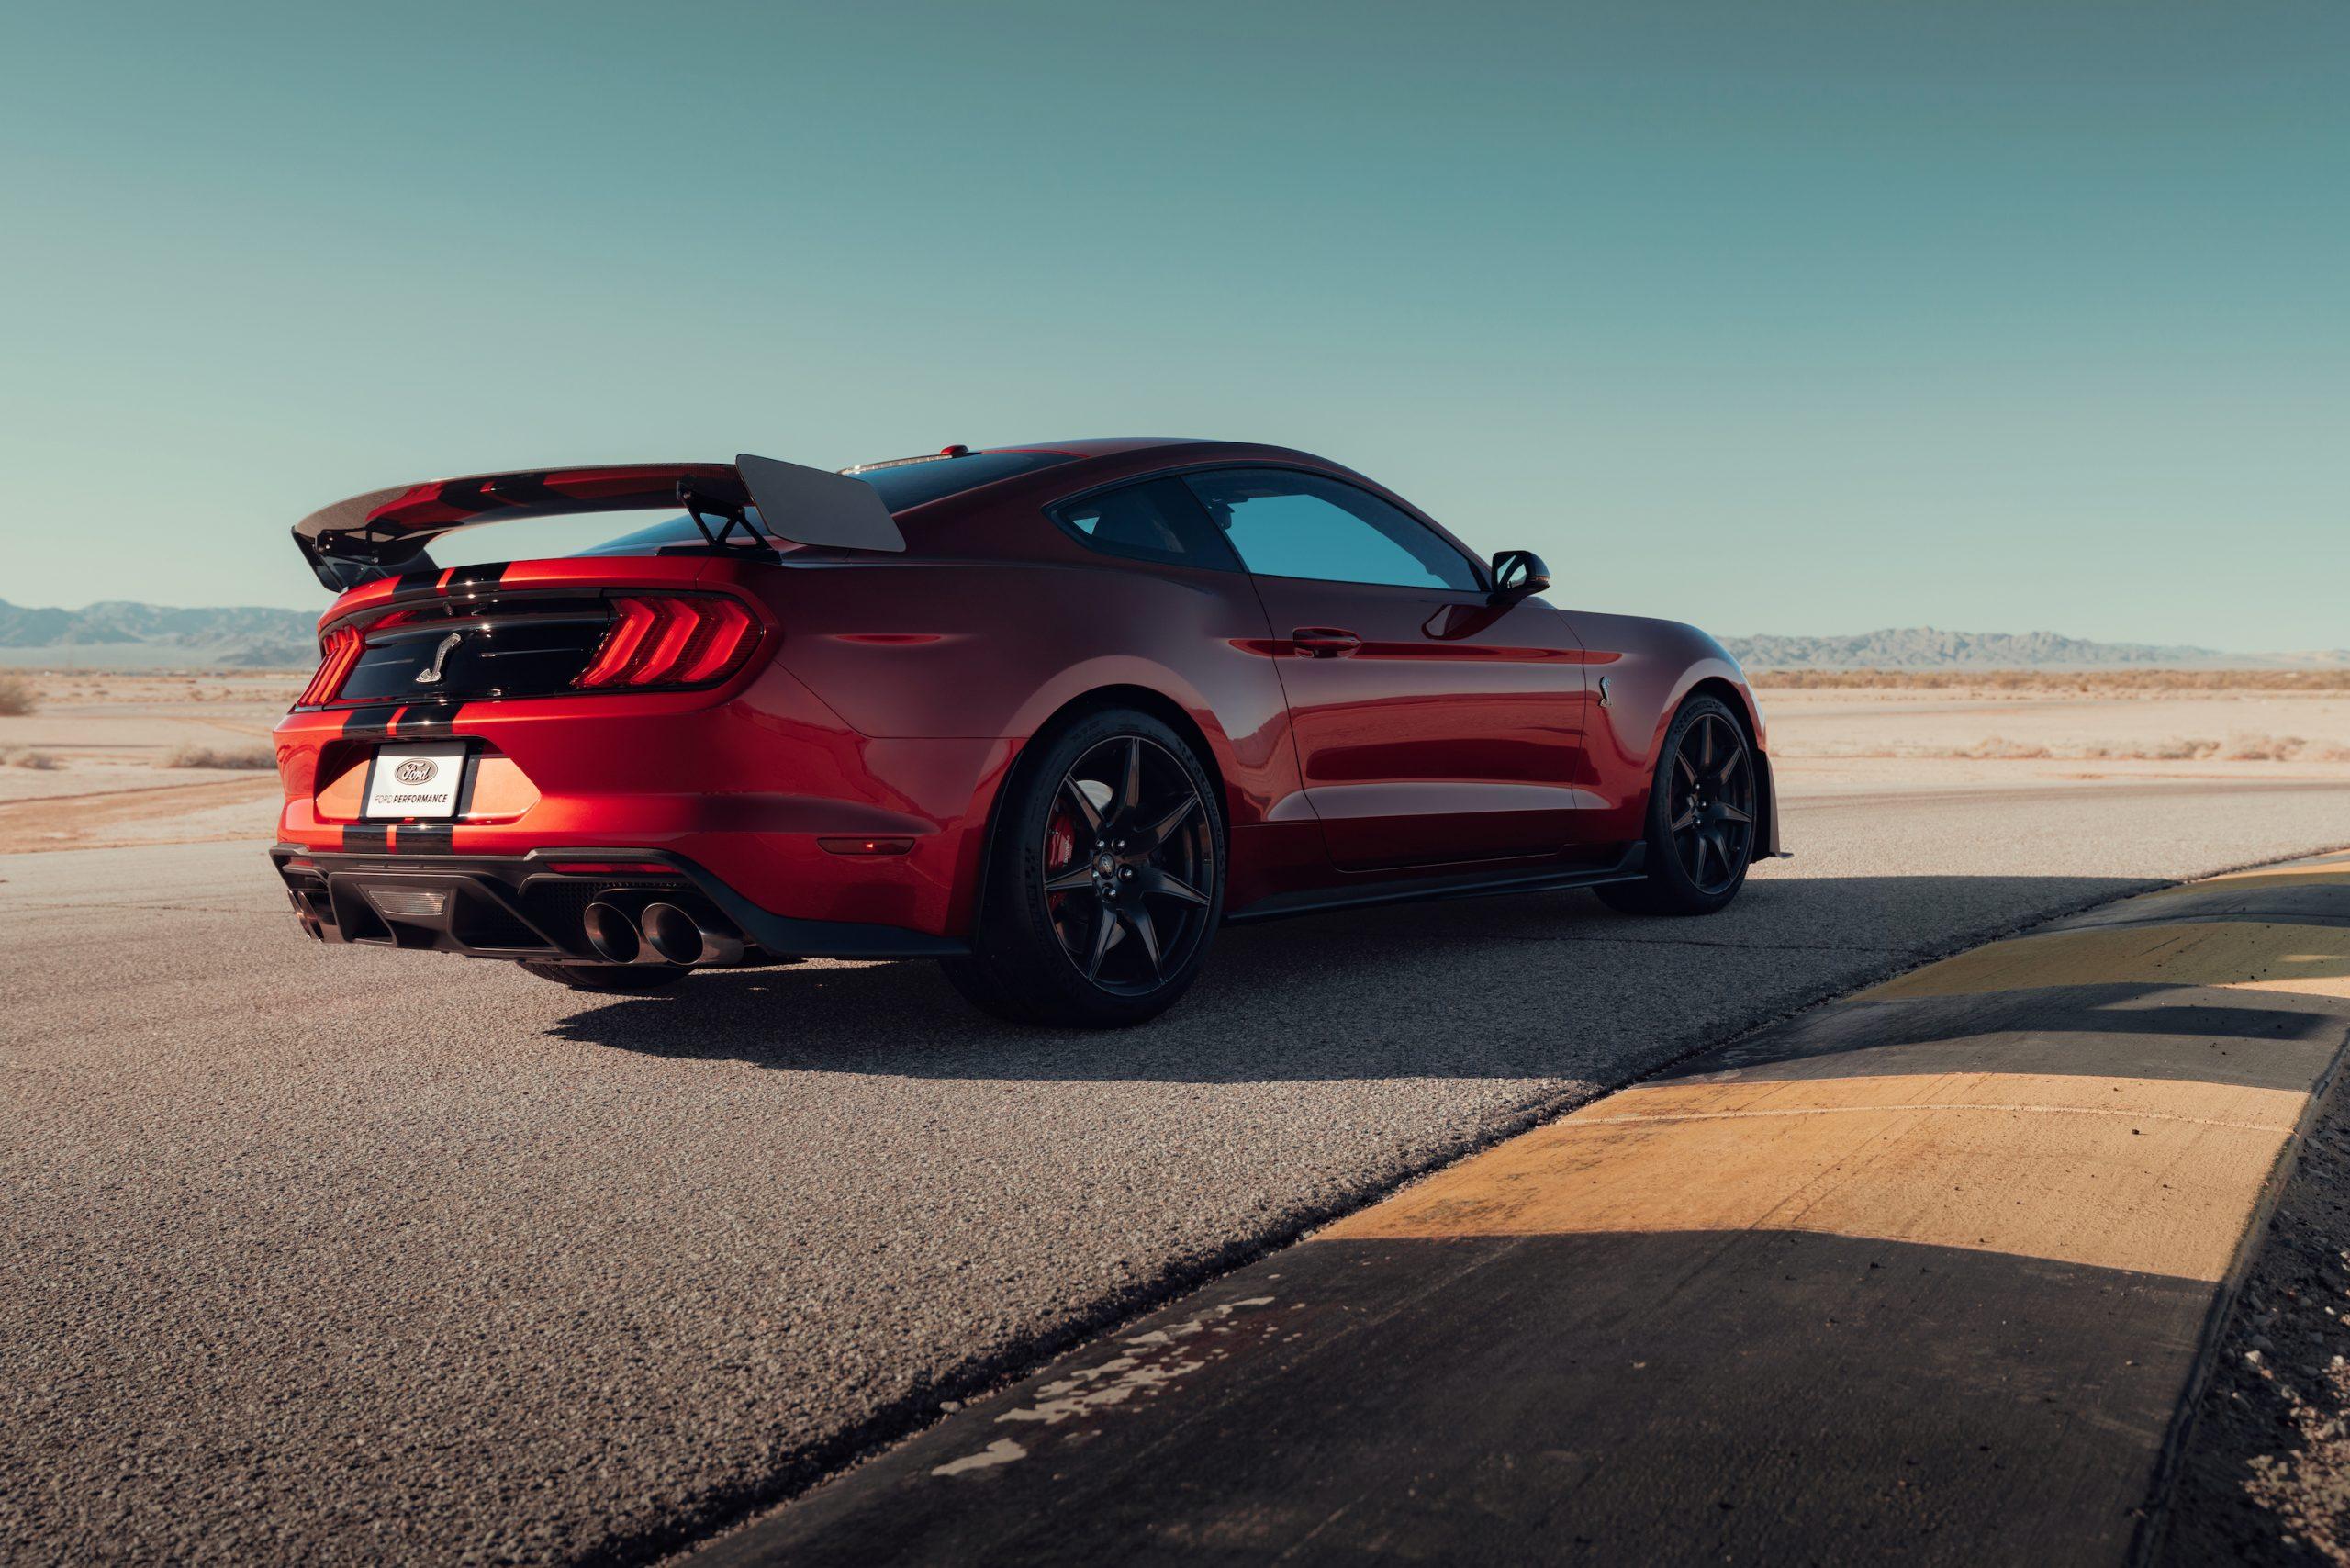 2020 Mustang Shelby GT500 Rear Three-Quarter